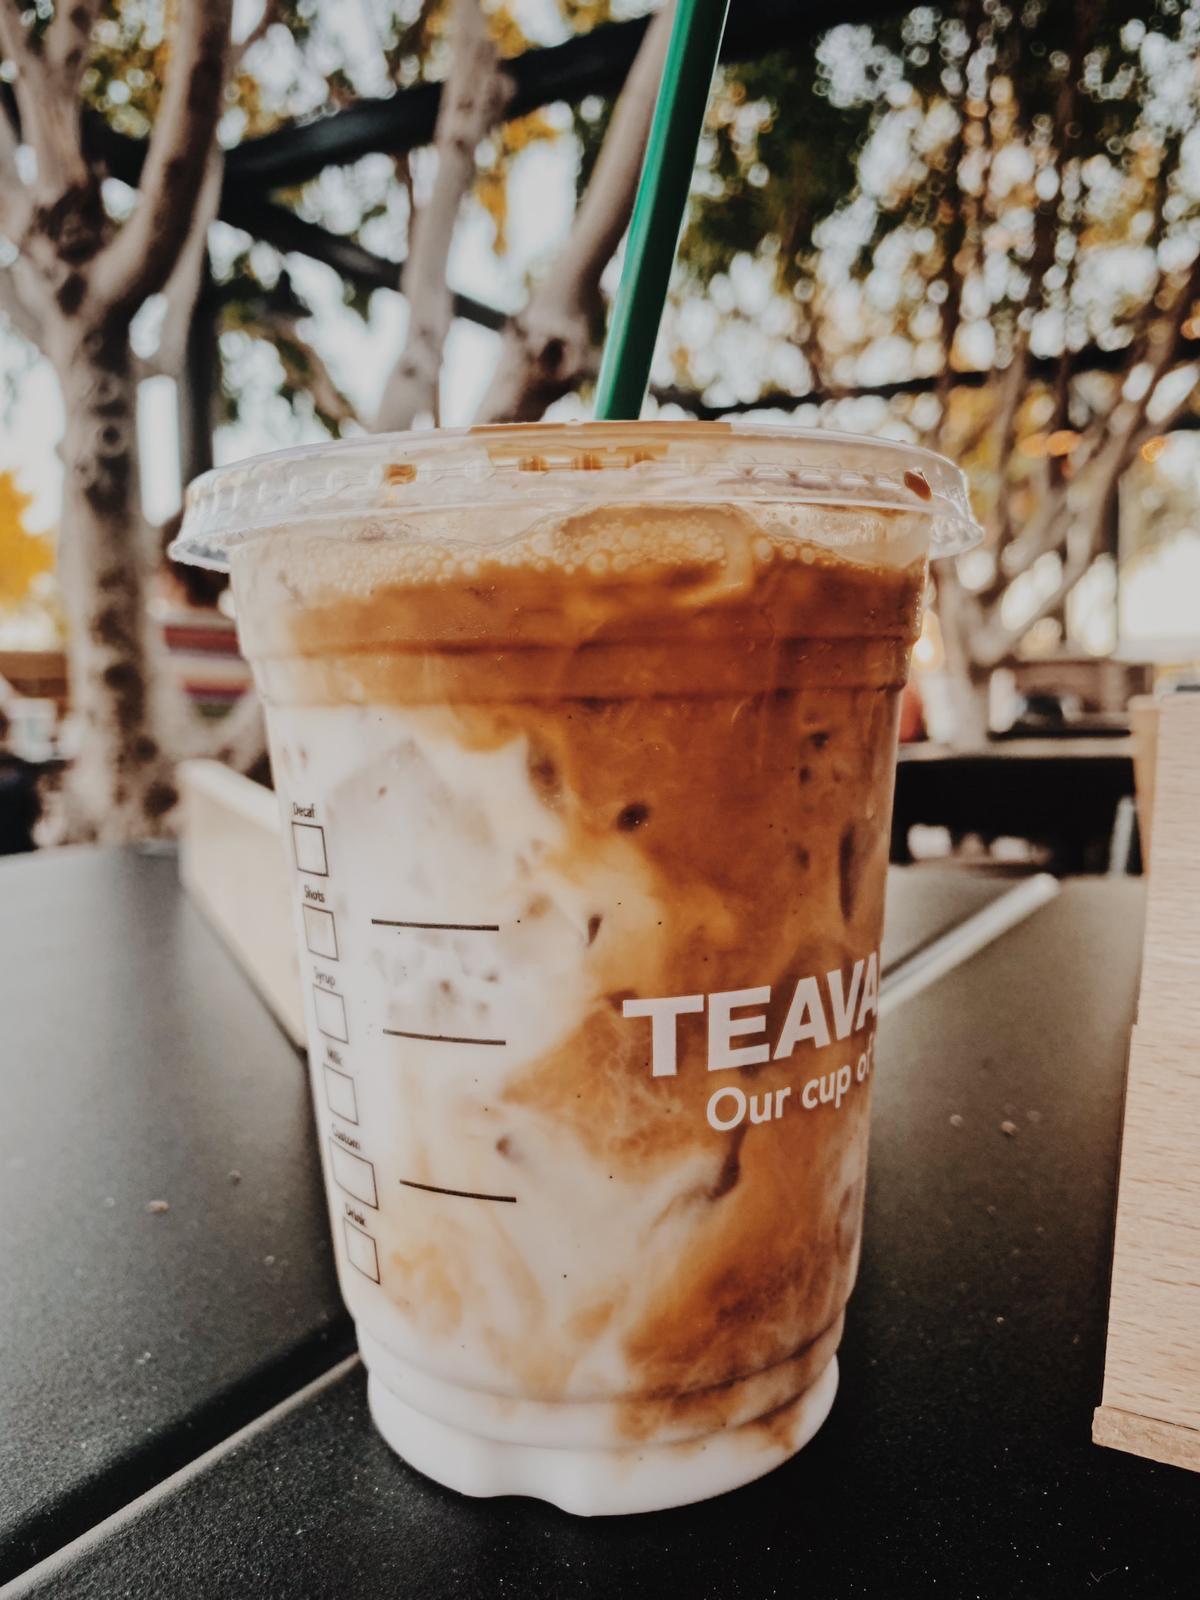 My favorite starbucks iced latte! It's so pleasing when